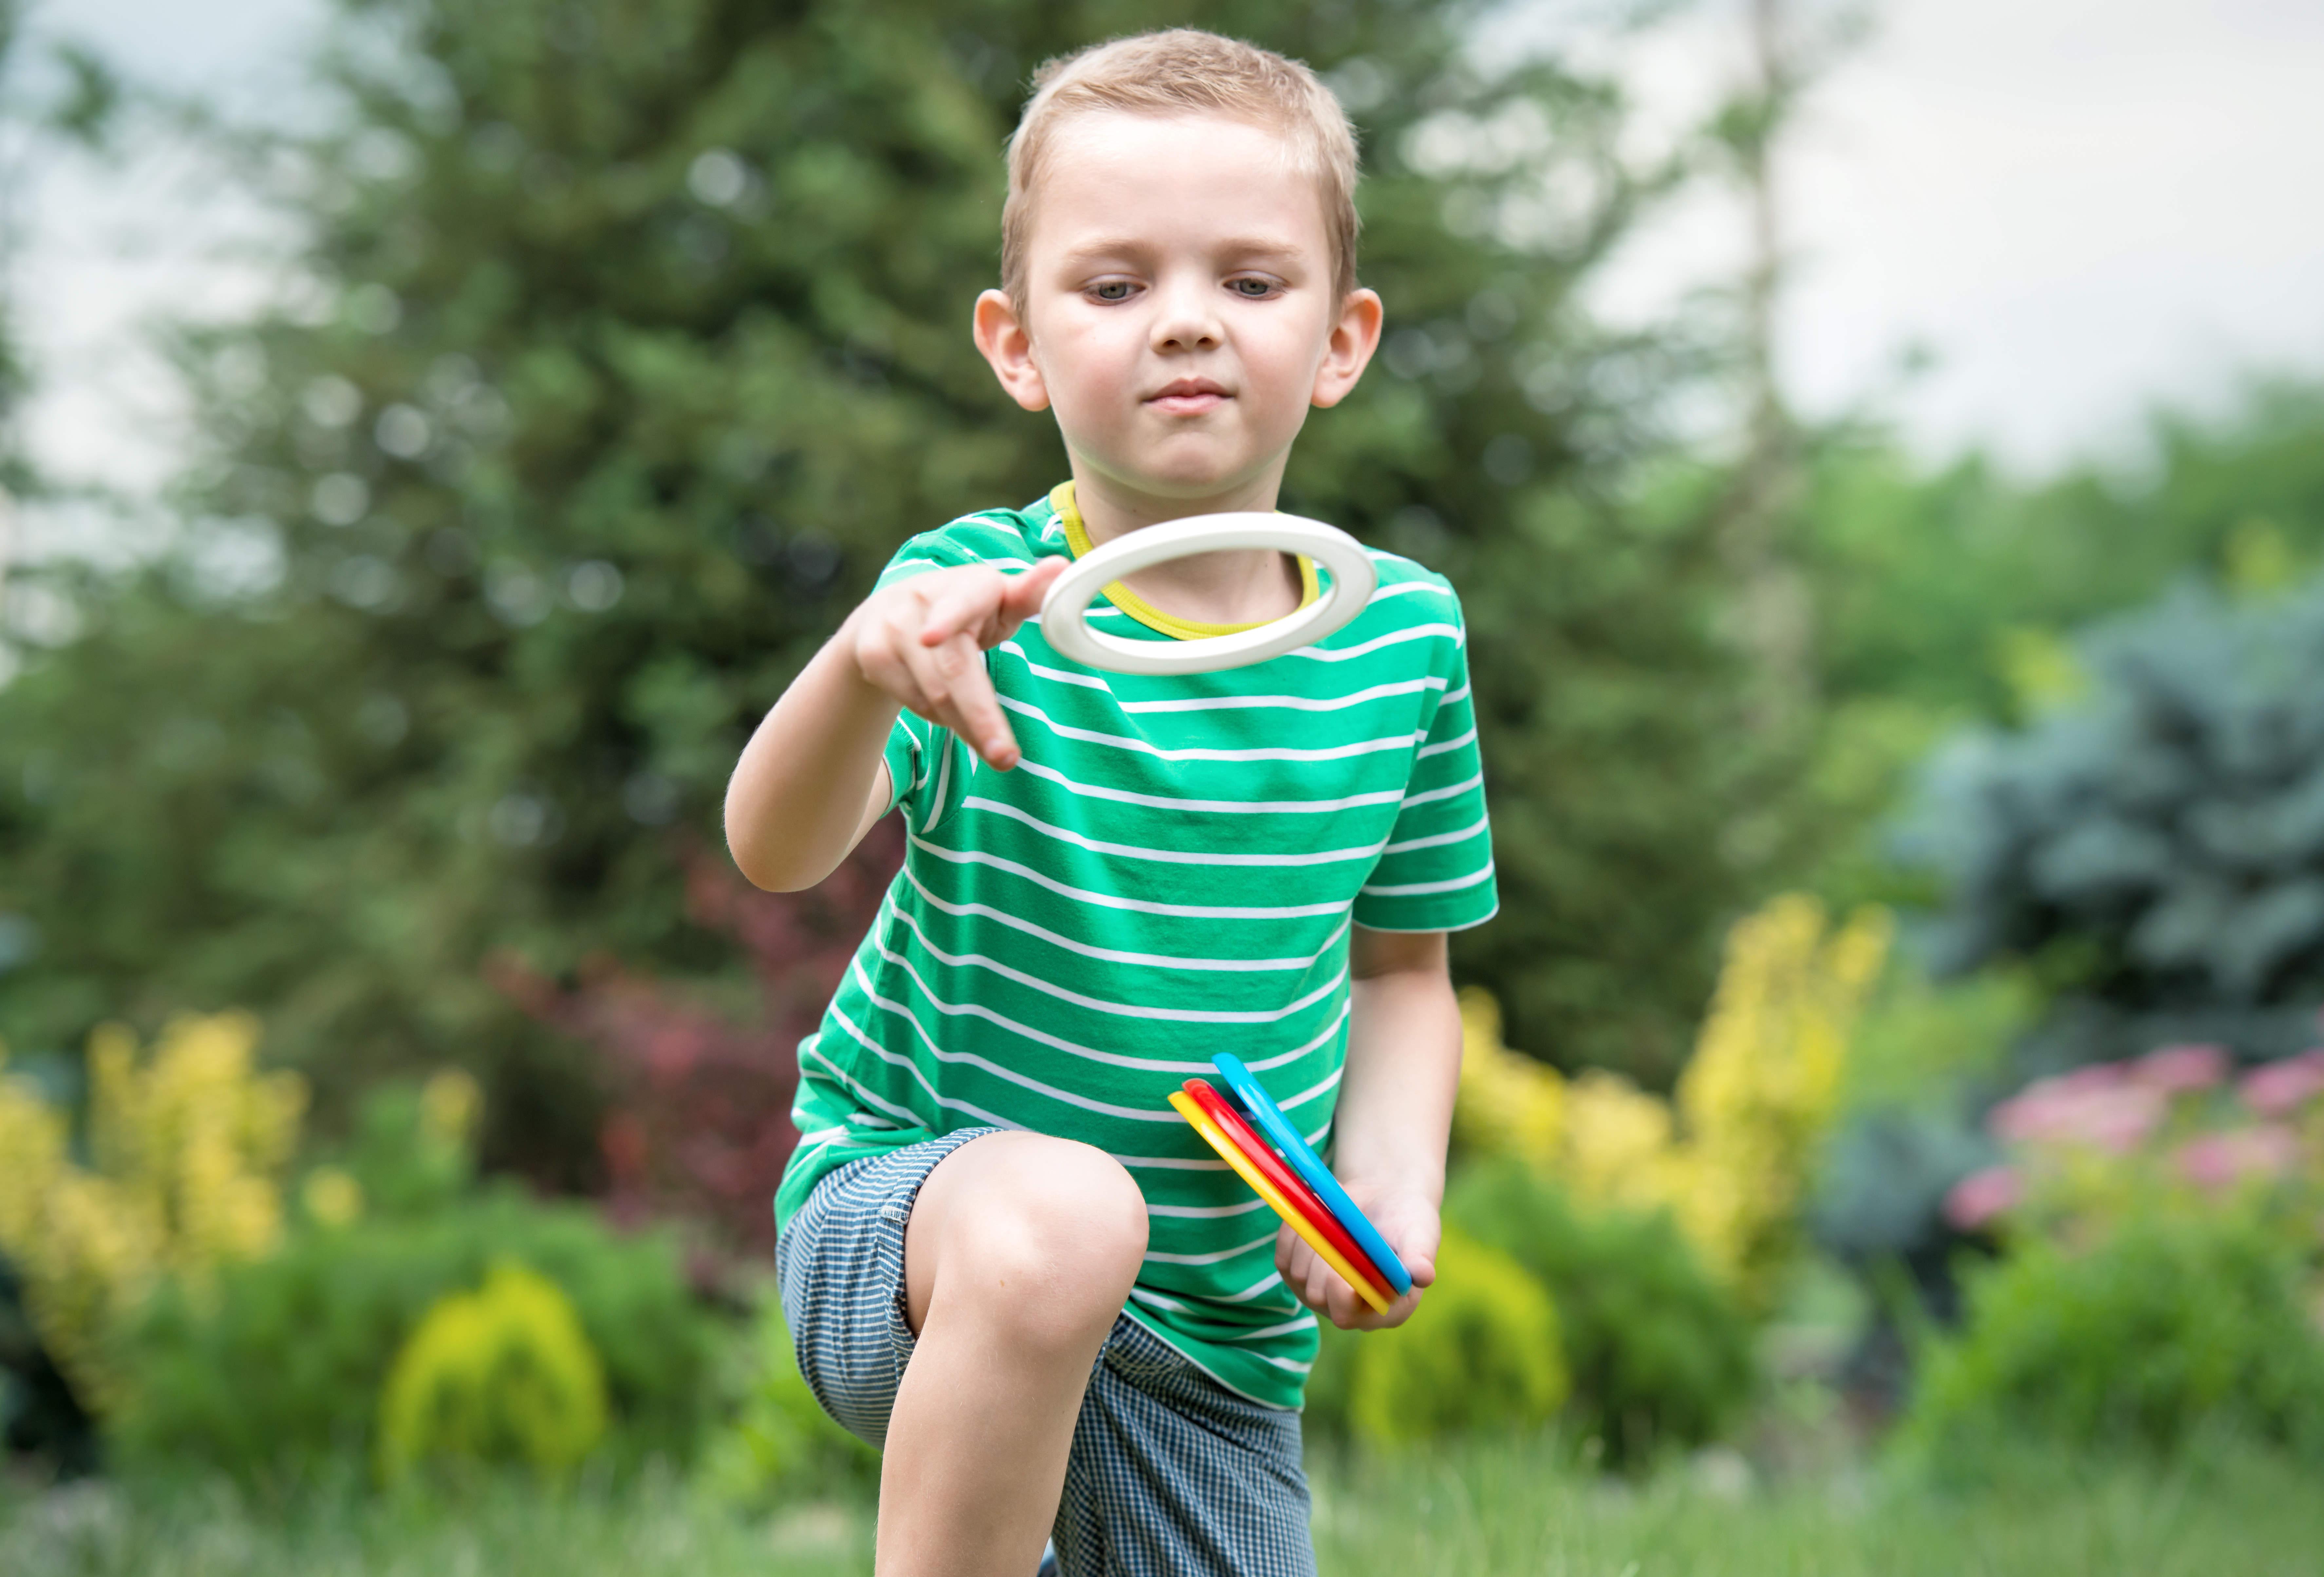 DIY - Blog La Foir'Fouille - 4 jeux de plein air à faire soi-même pour les enfants